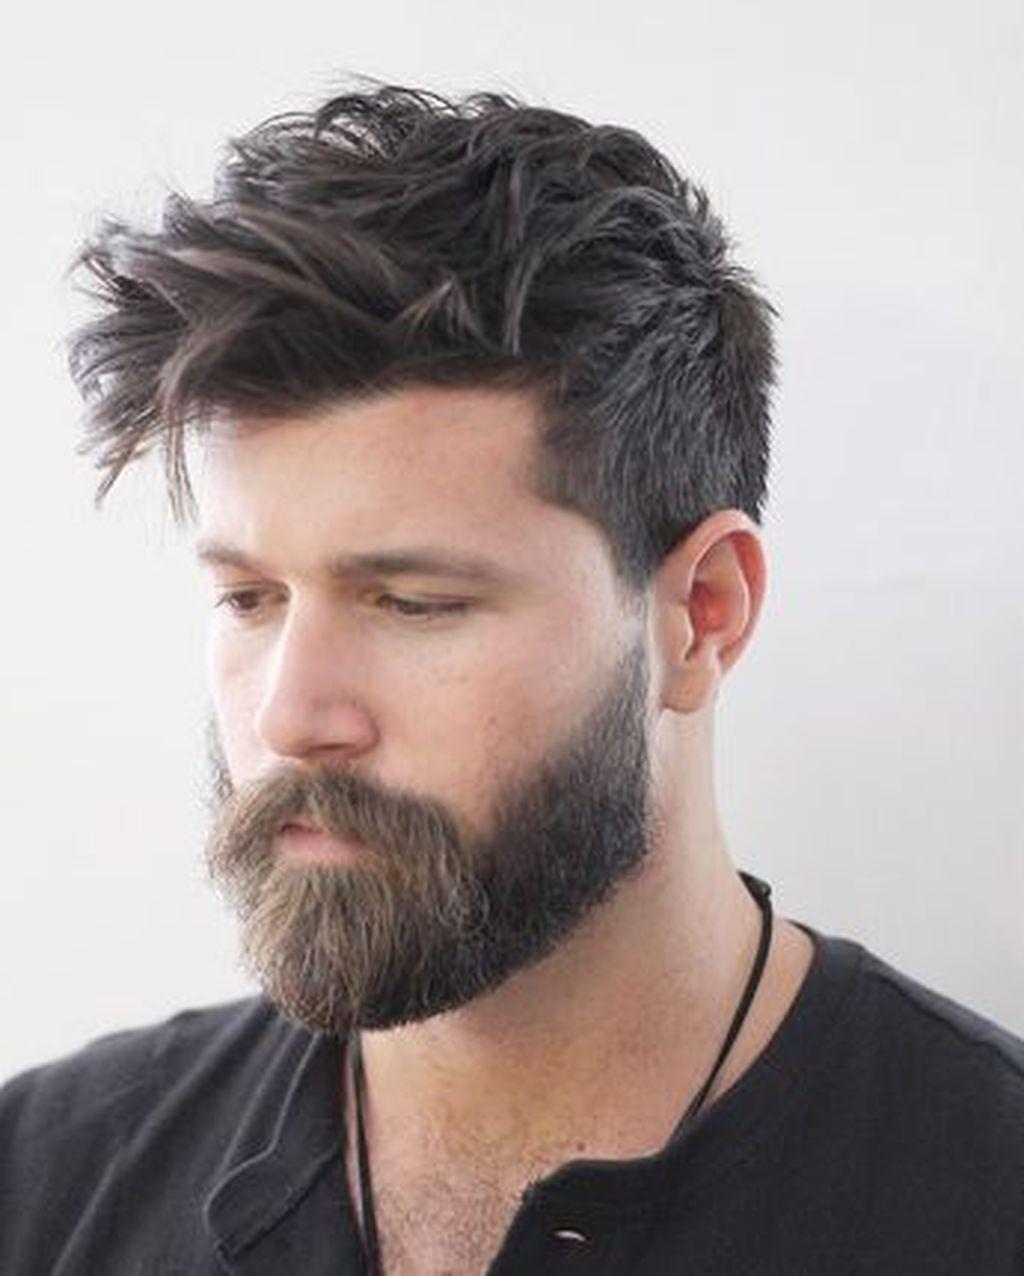 27+ Cortes de pelo hombre con barba ideas in 2021